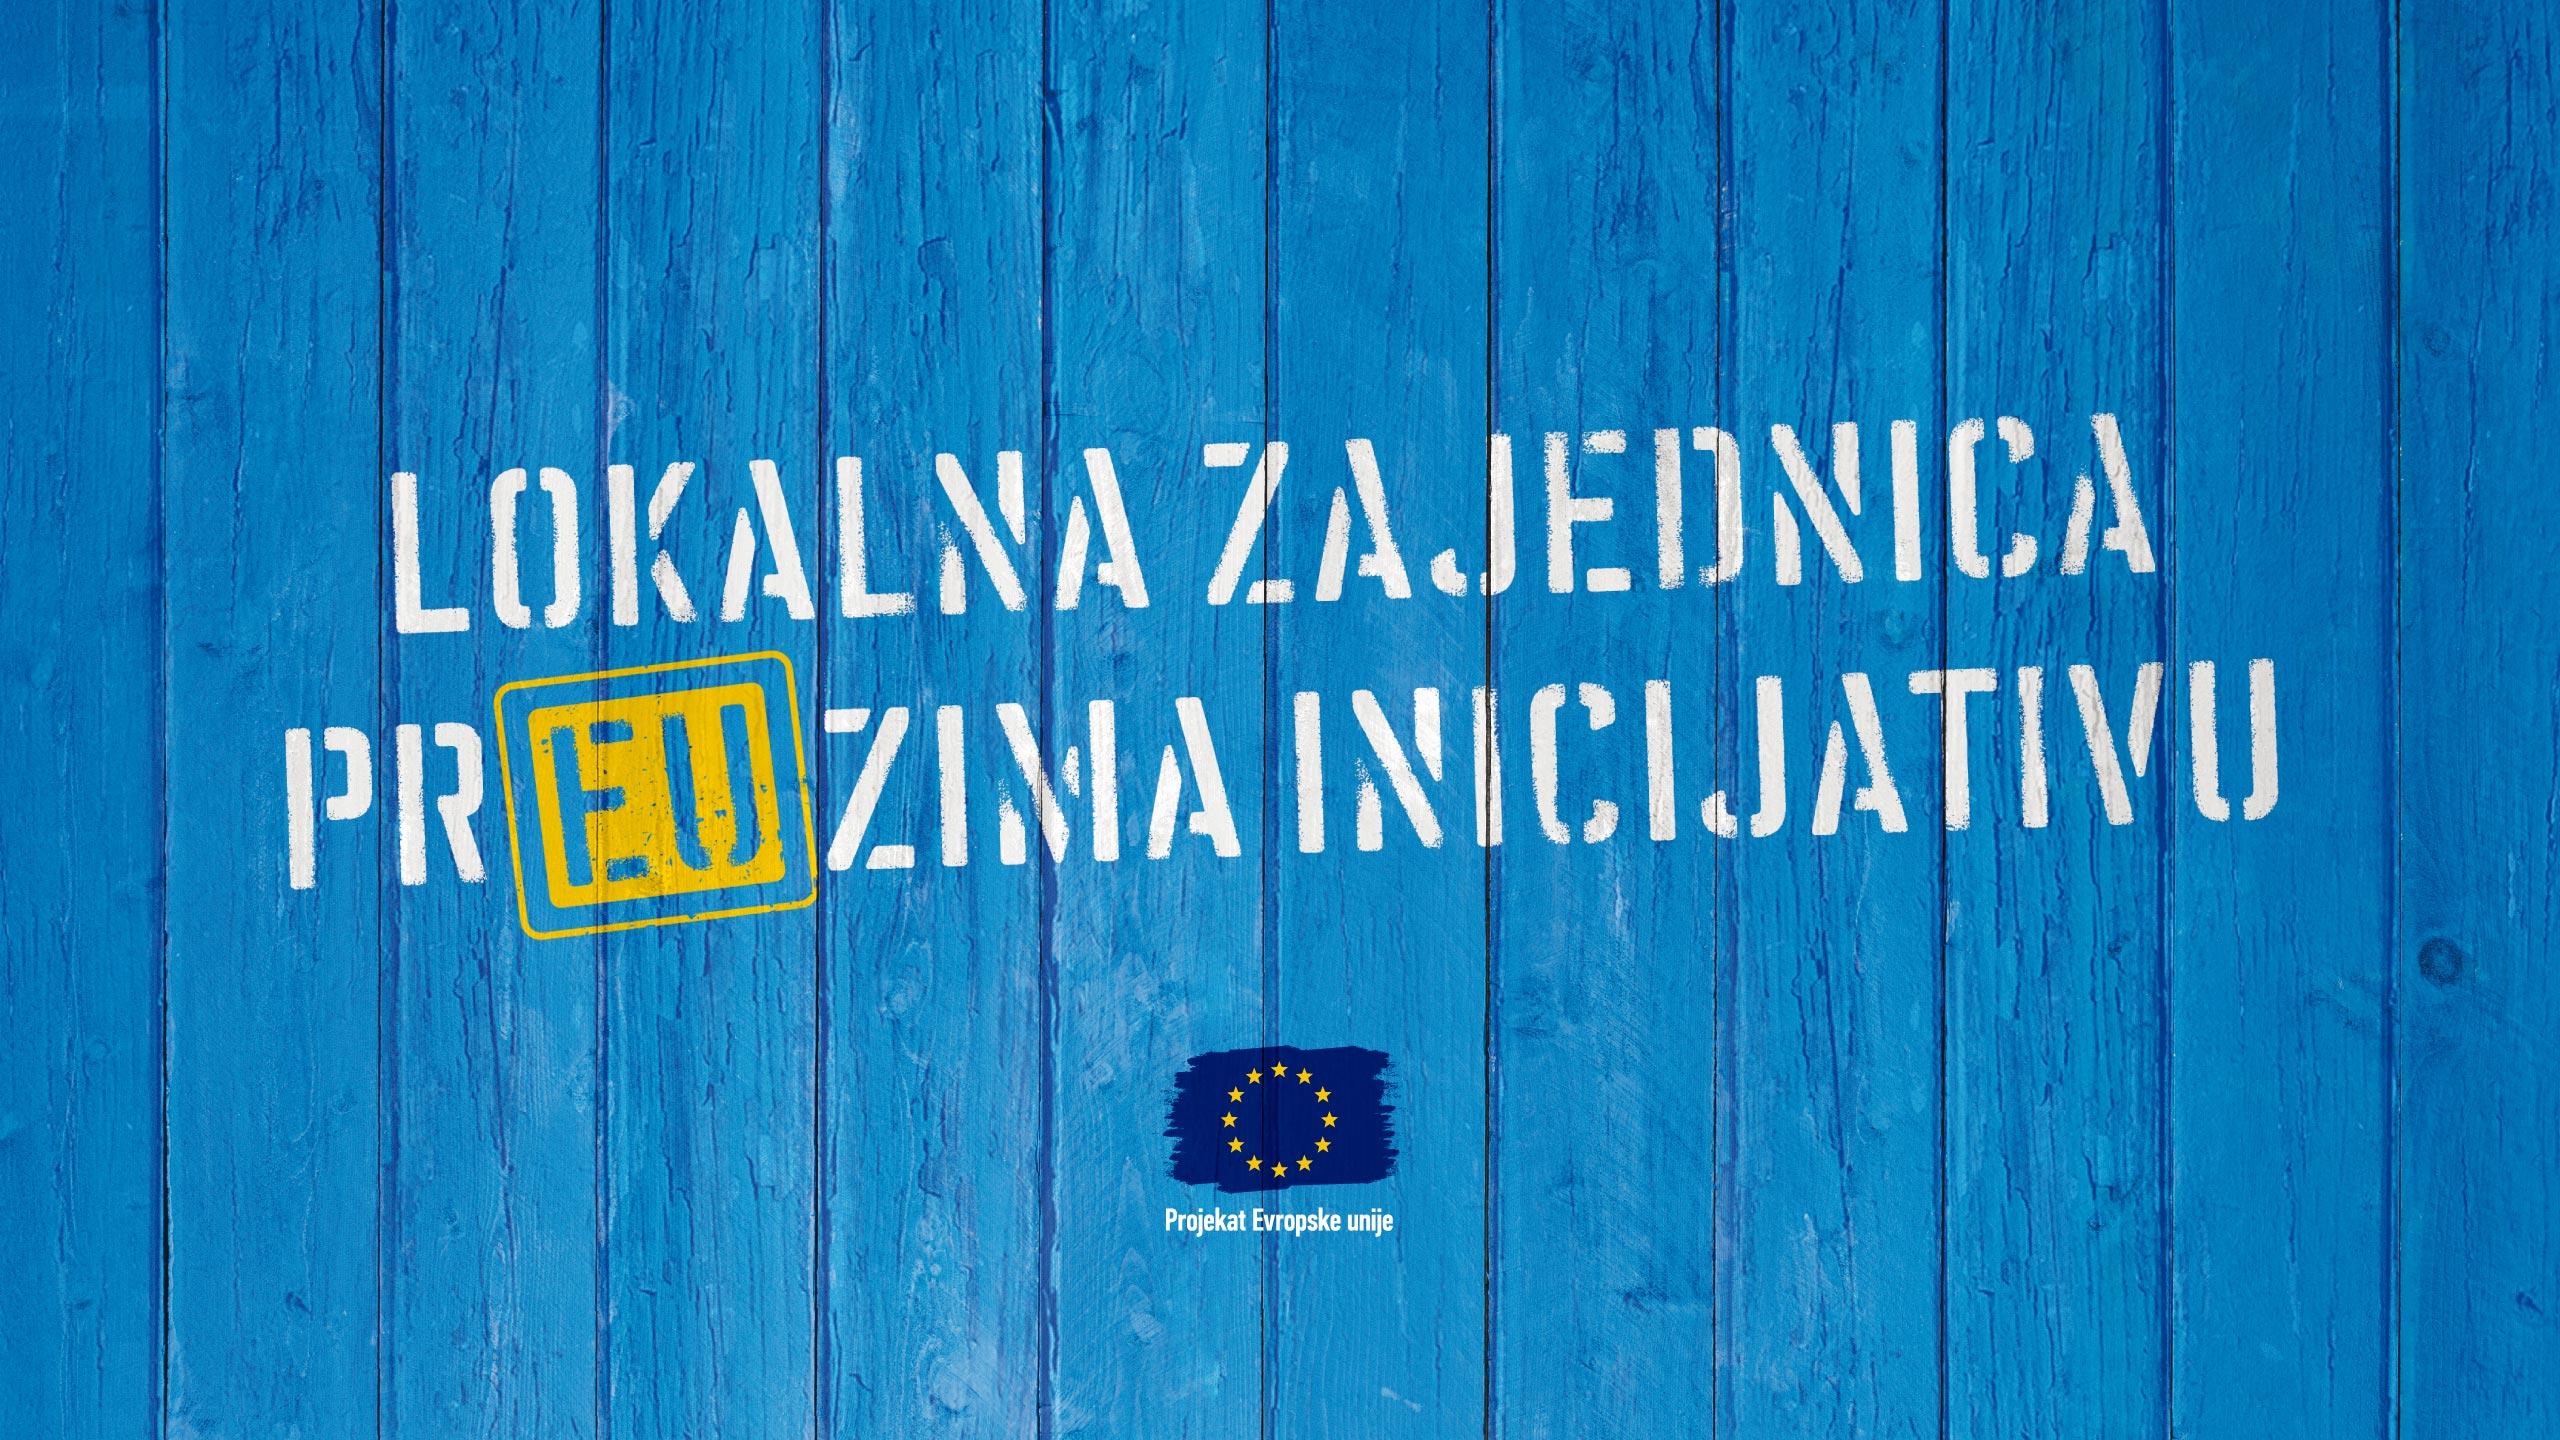 Lokalna zajednica prEUzima inicijativu | Agencija AQUARIUS | Banja Luka